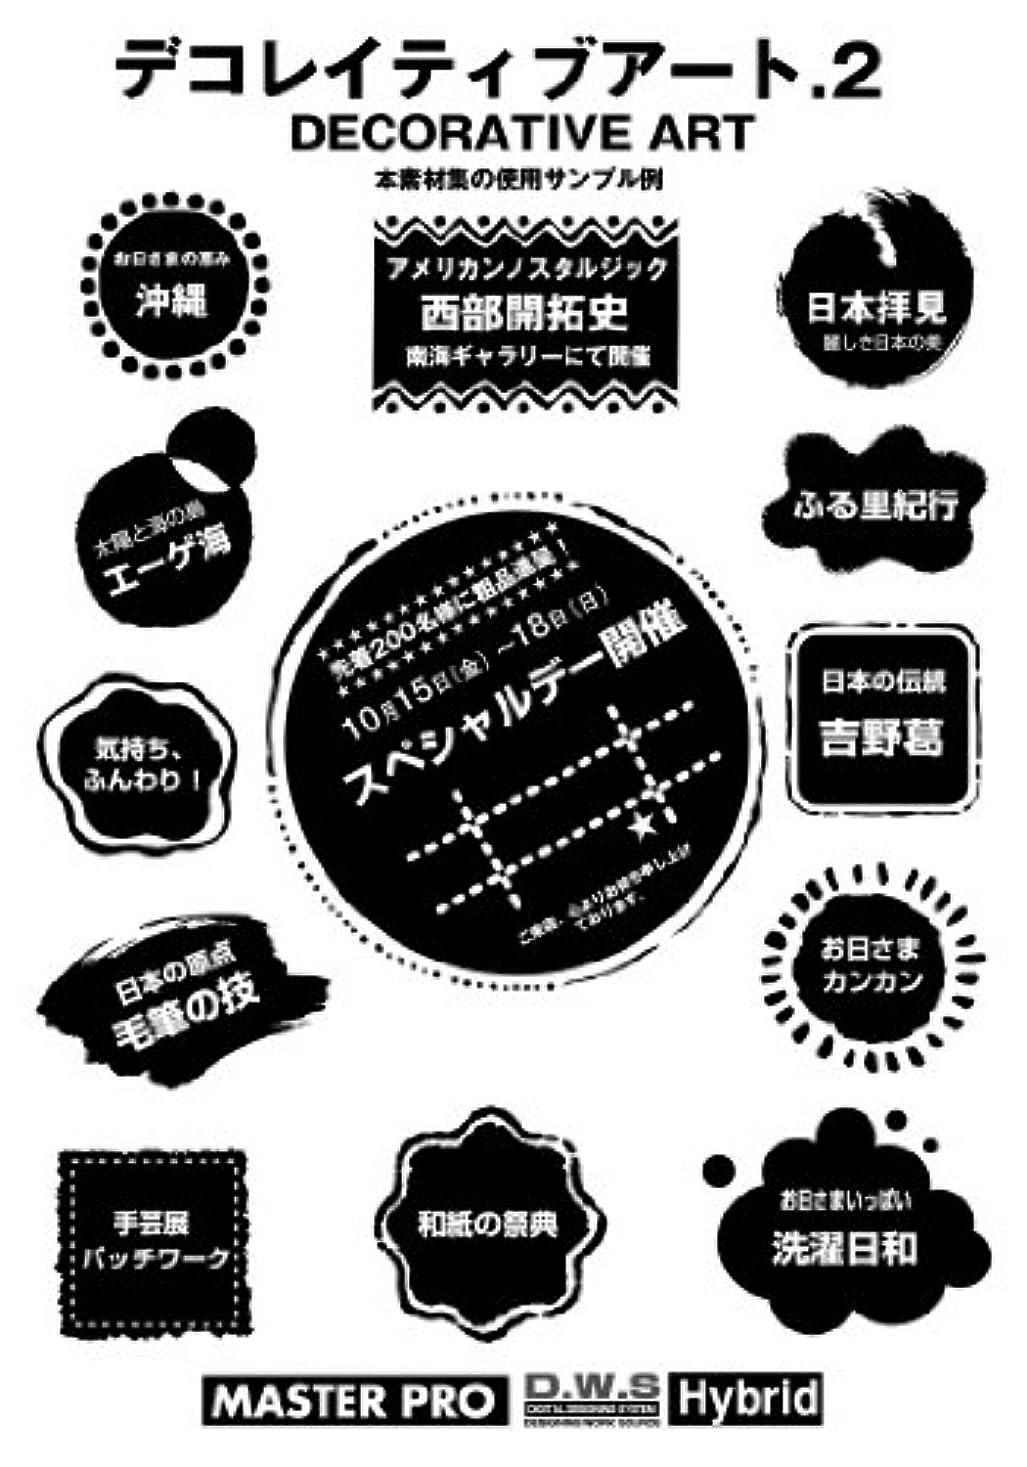 ヤング赤道吸い込むデコレイティブアート.2